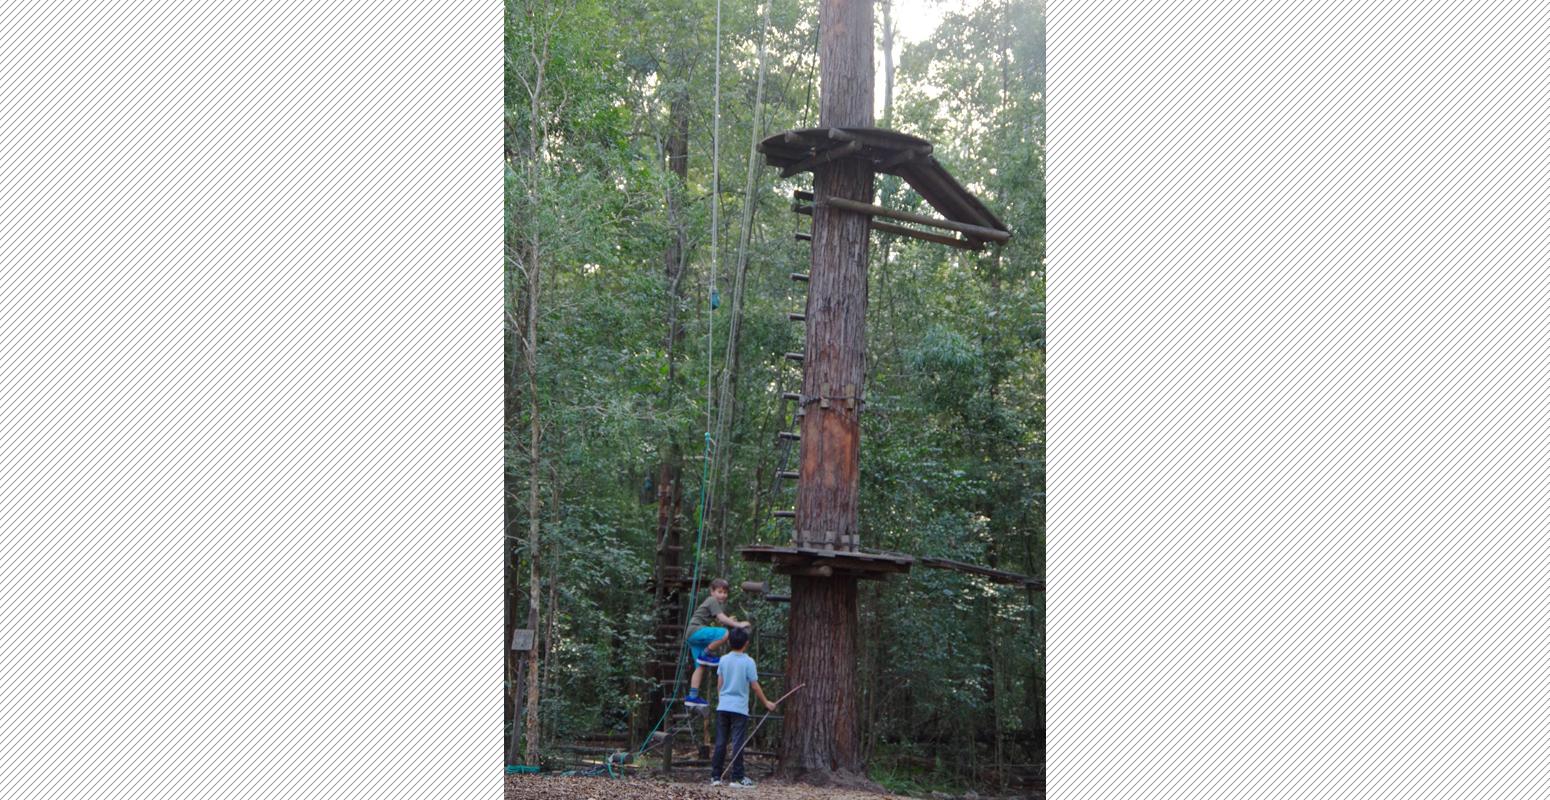 木登り アスレチック 自然